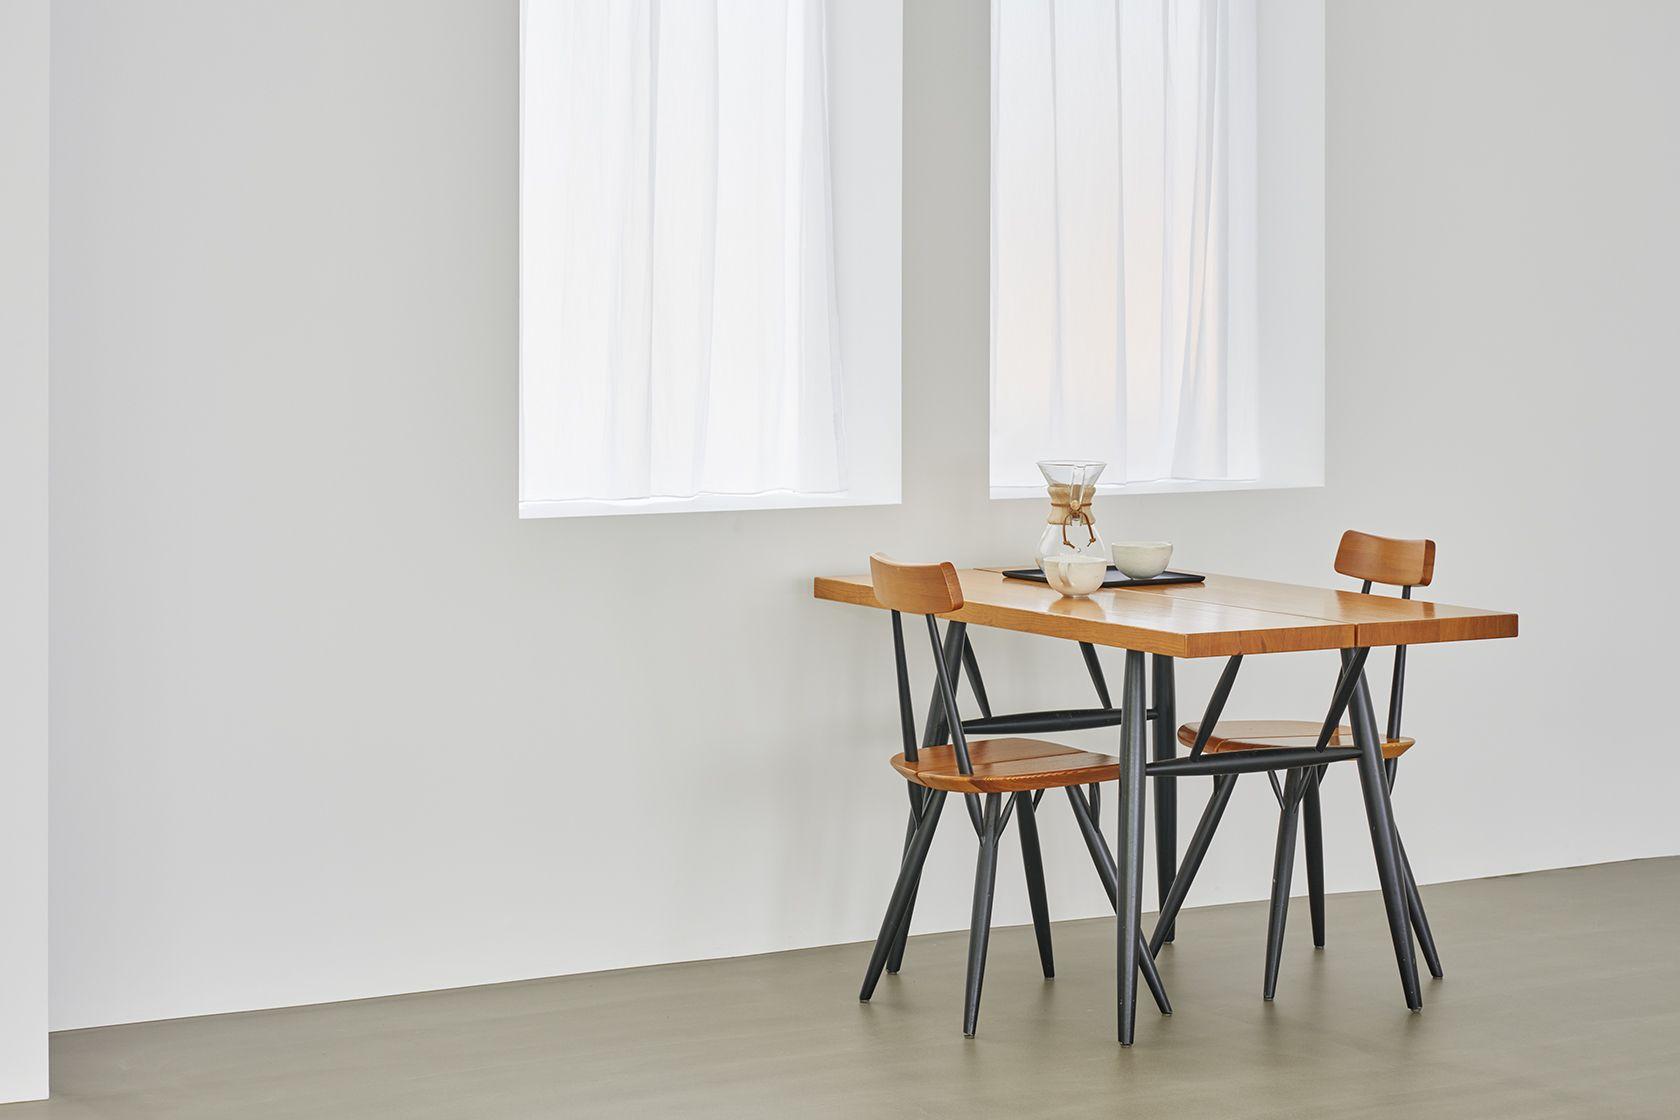 Haku Studio / SUNS美術館のような窓